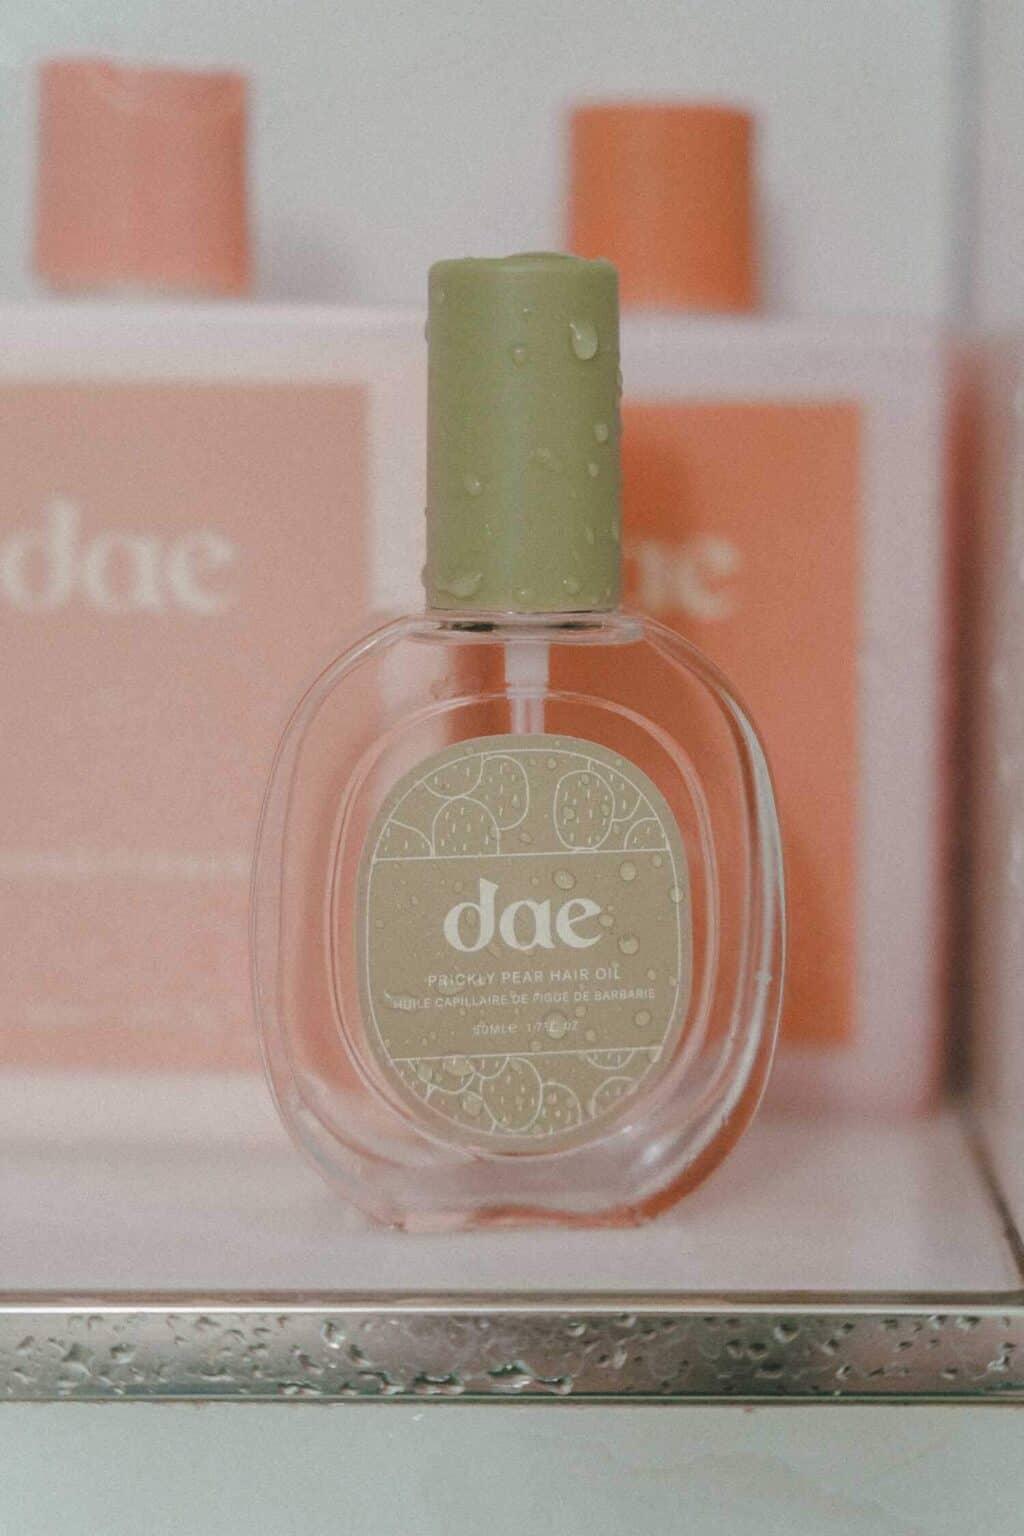 Prickly Pear hair oil